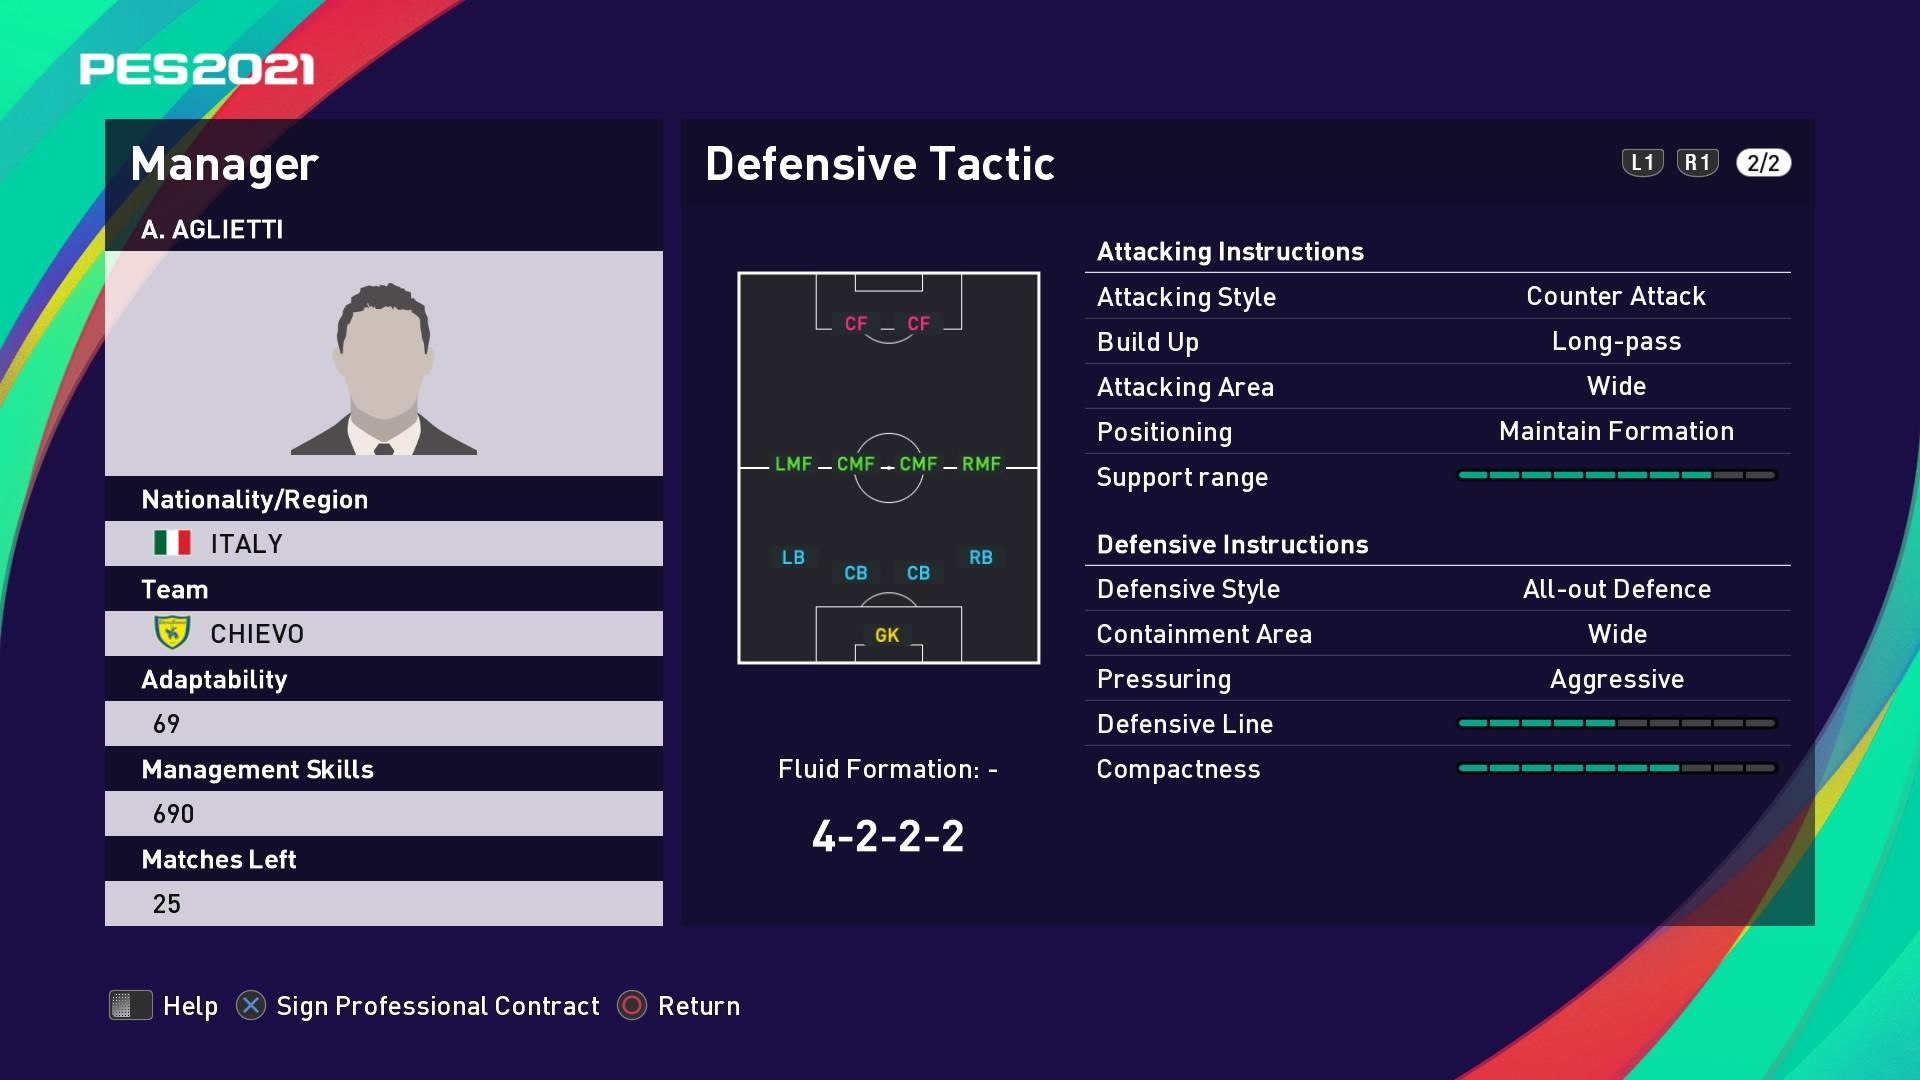 A. Aglietti (Alfredo Aglietti) Defensive Tactic in PES 2021 myClub